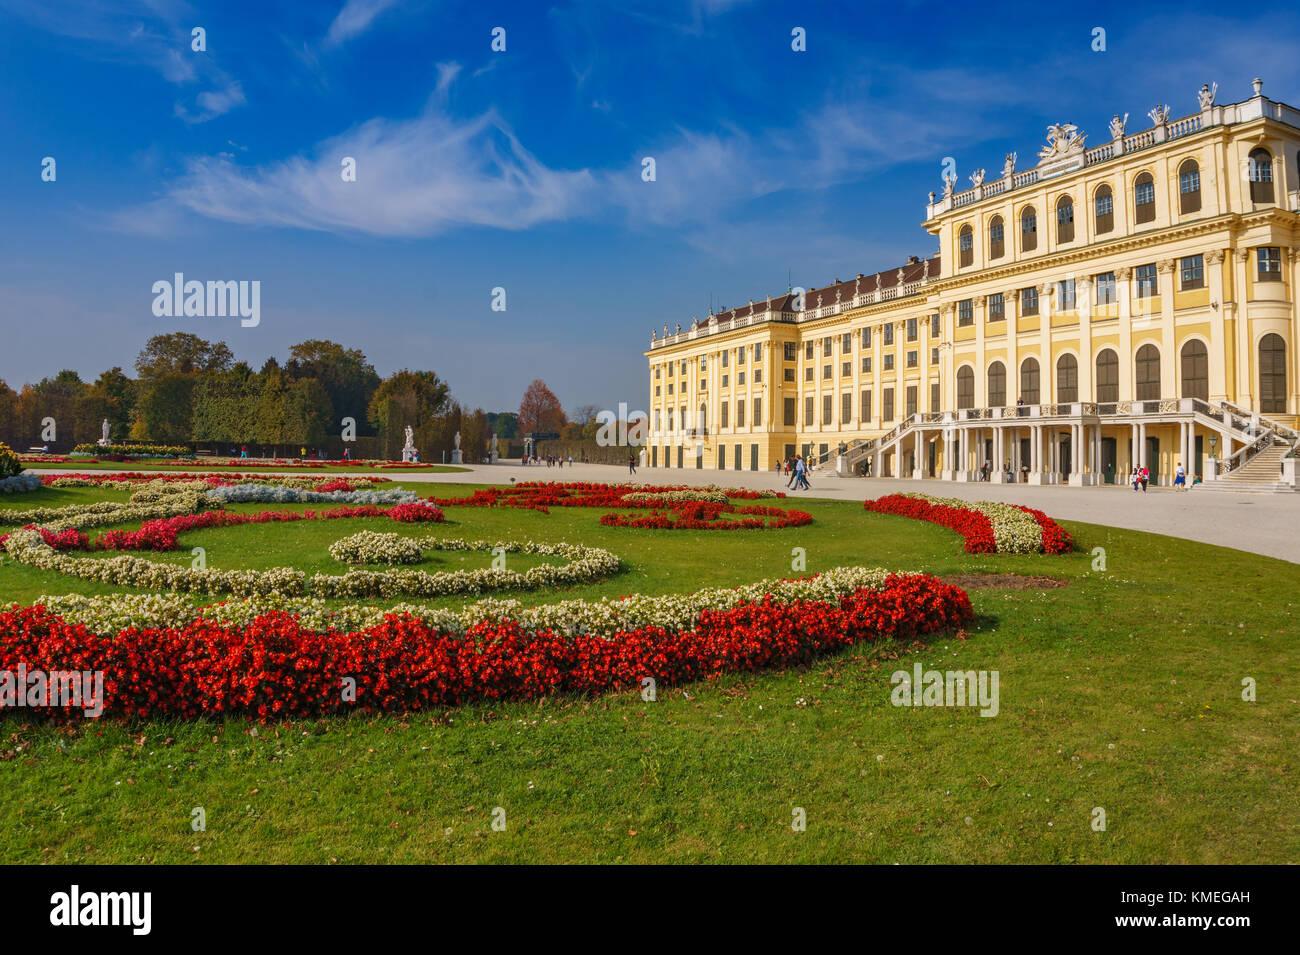 Rodeado de jardines y área alrededor del palacio de Schonbrunn Viena en Austria, Europa. Imagen De Stock